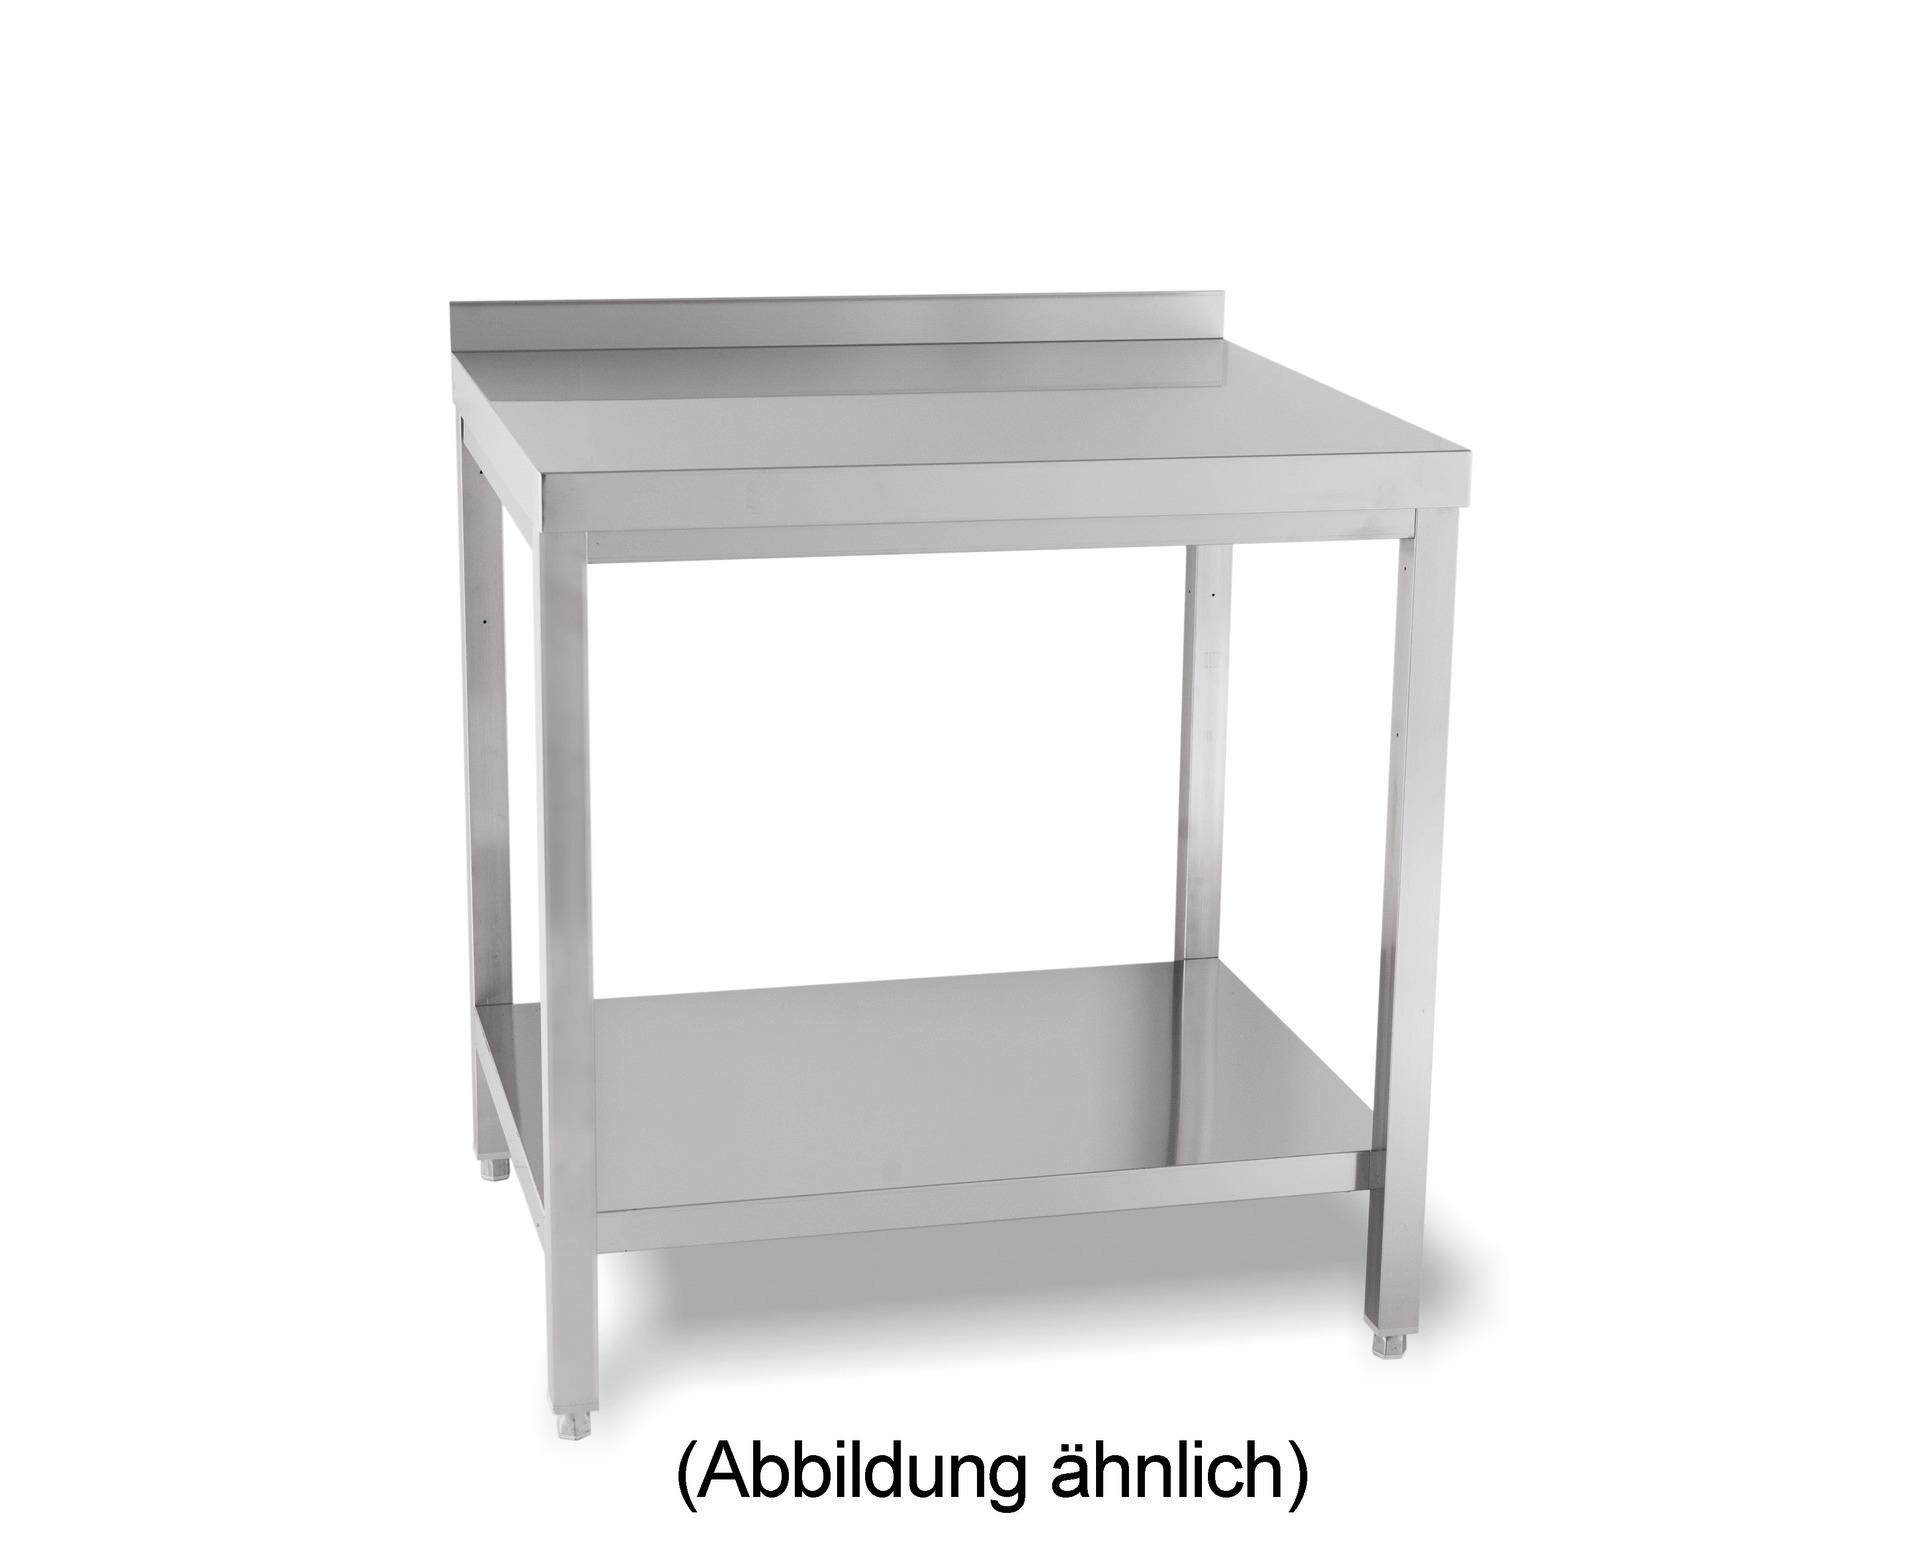 Arbeitstisch verschweißt mit Ablageboden mit 50 mm Aufkantung 1500 x 700 x 850 mm